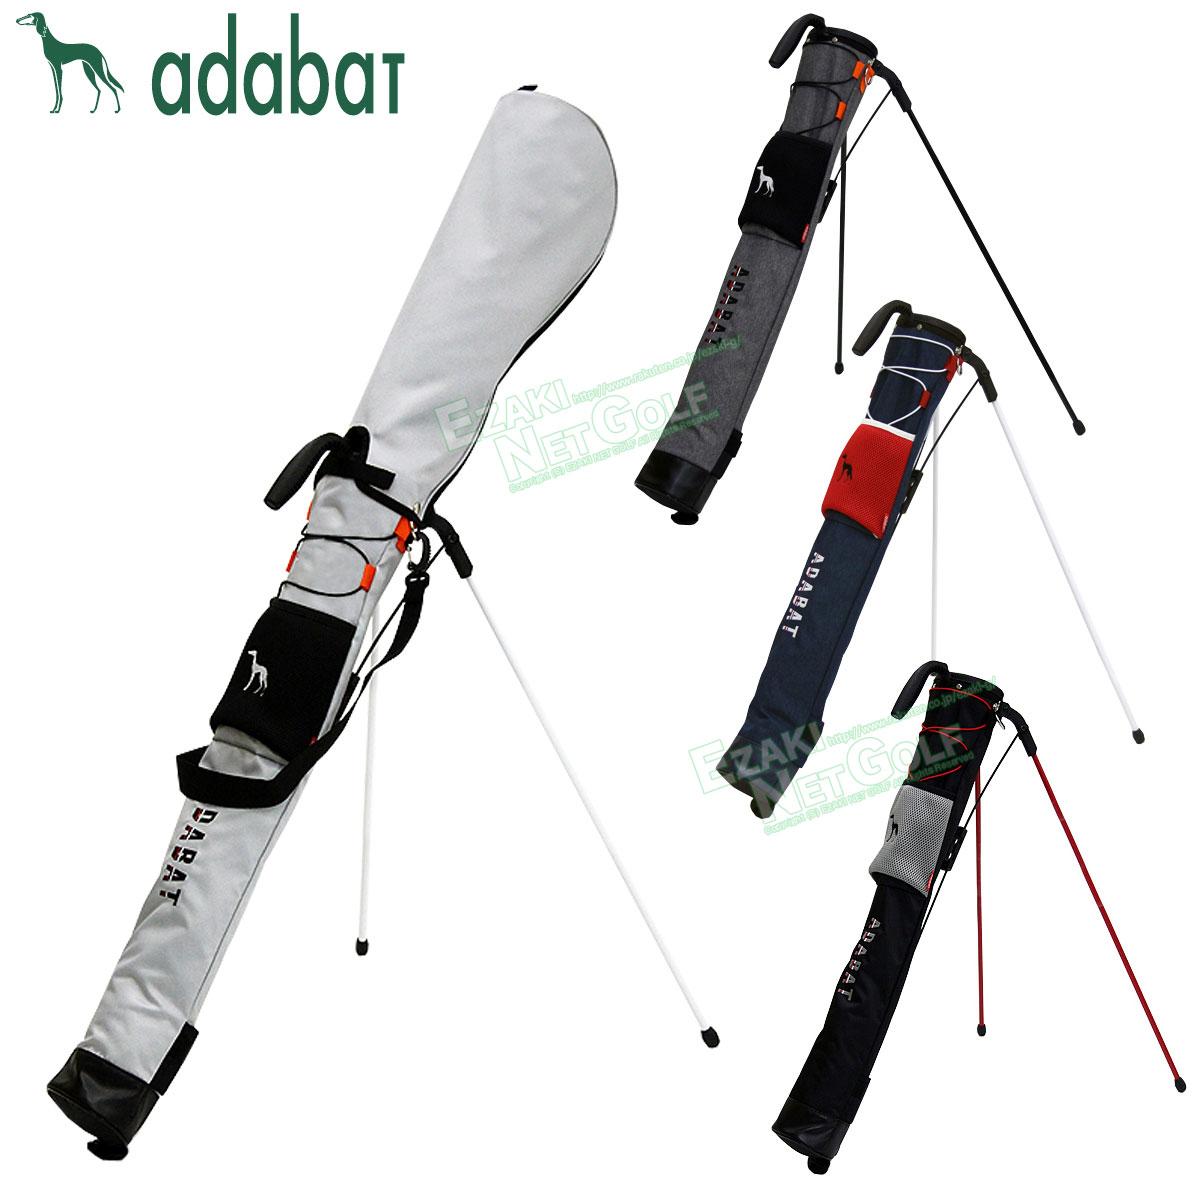 【【最大4999円OFFクーポン】】adabat(アダバット) セルフスタンド クラブケース 2020新製品 「AB404S」 【あす楽対応】